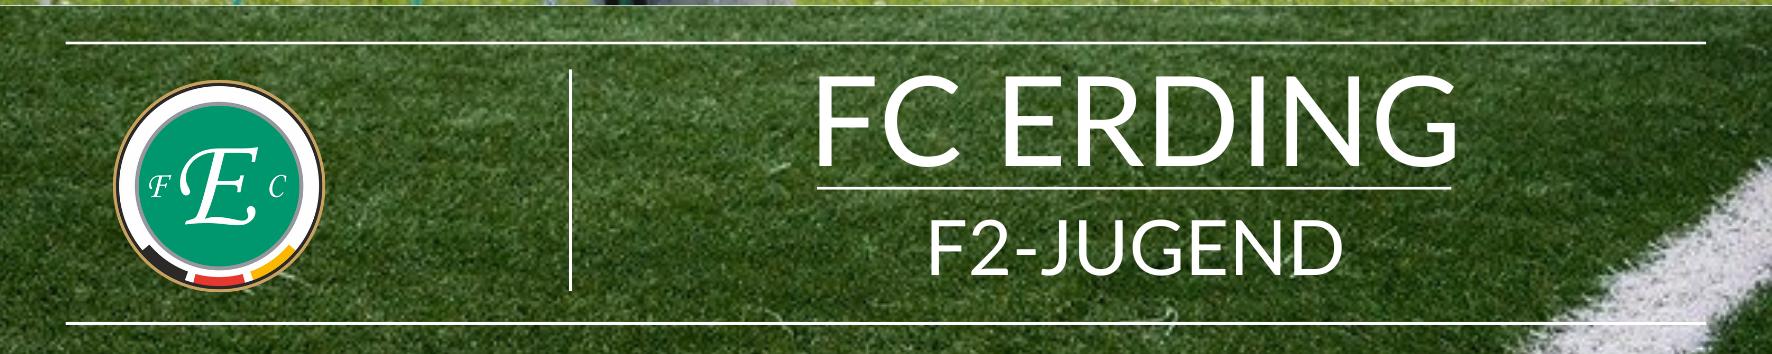 FC Erding F2-Jugend Saison 2021/2022